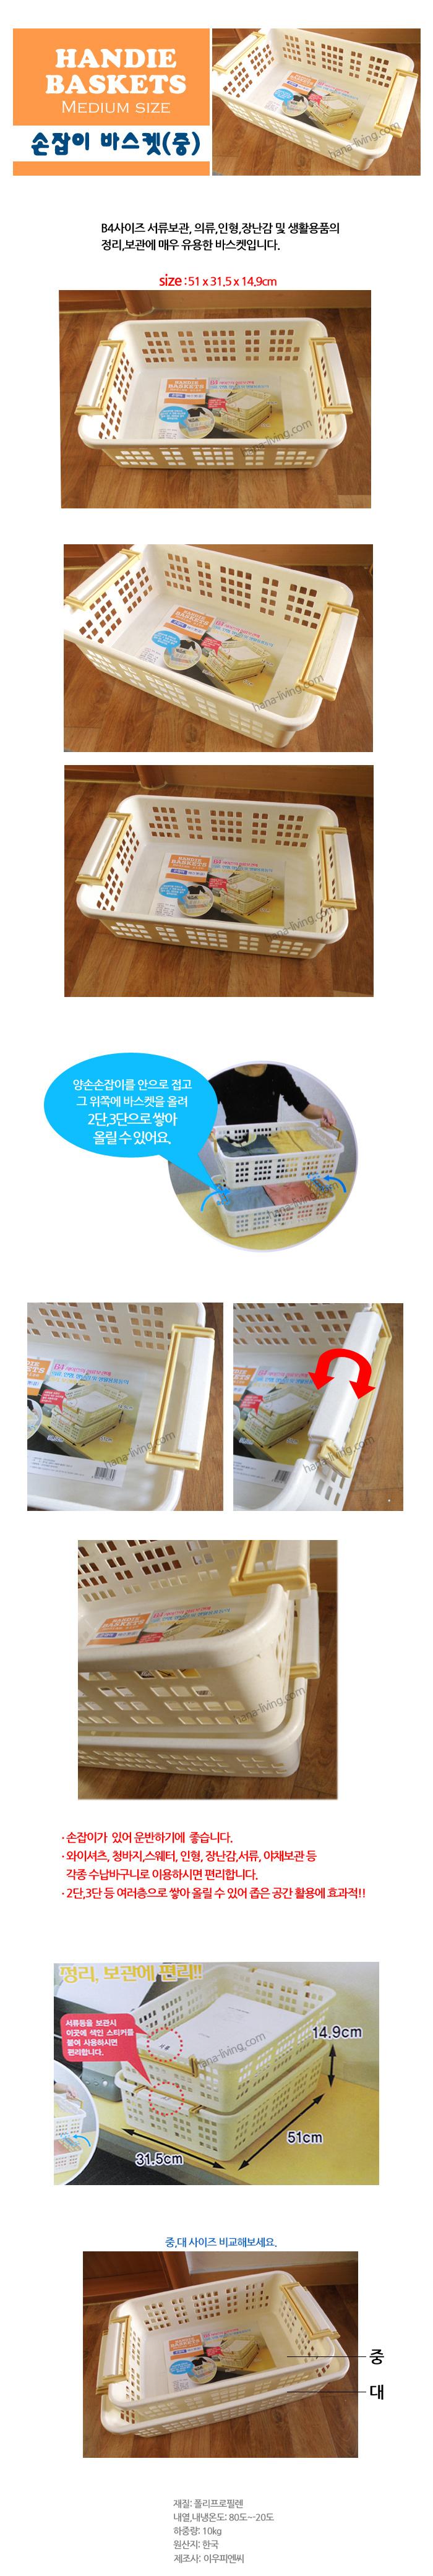 손잡이 바스켓 중형 수납바구니 - 하나리빙, 6,500원, 바구니, 플라스틱 바구니